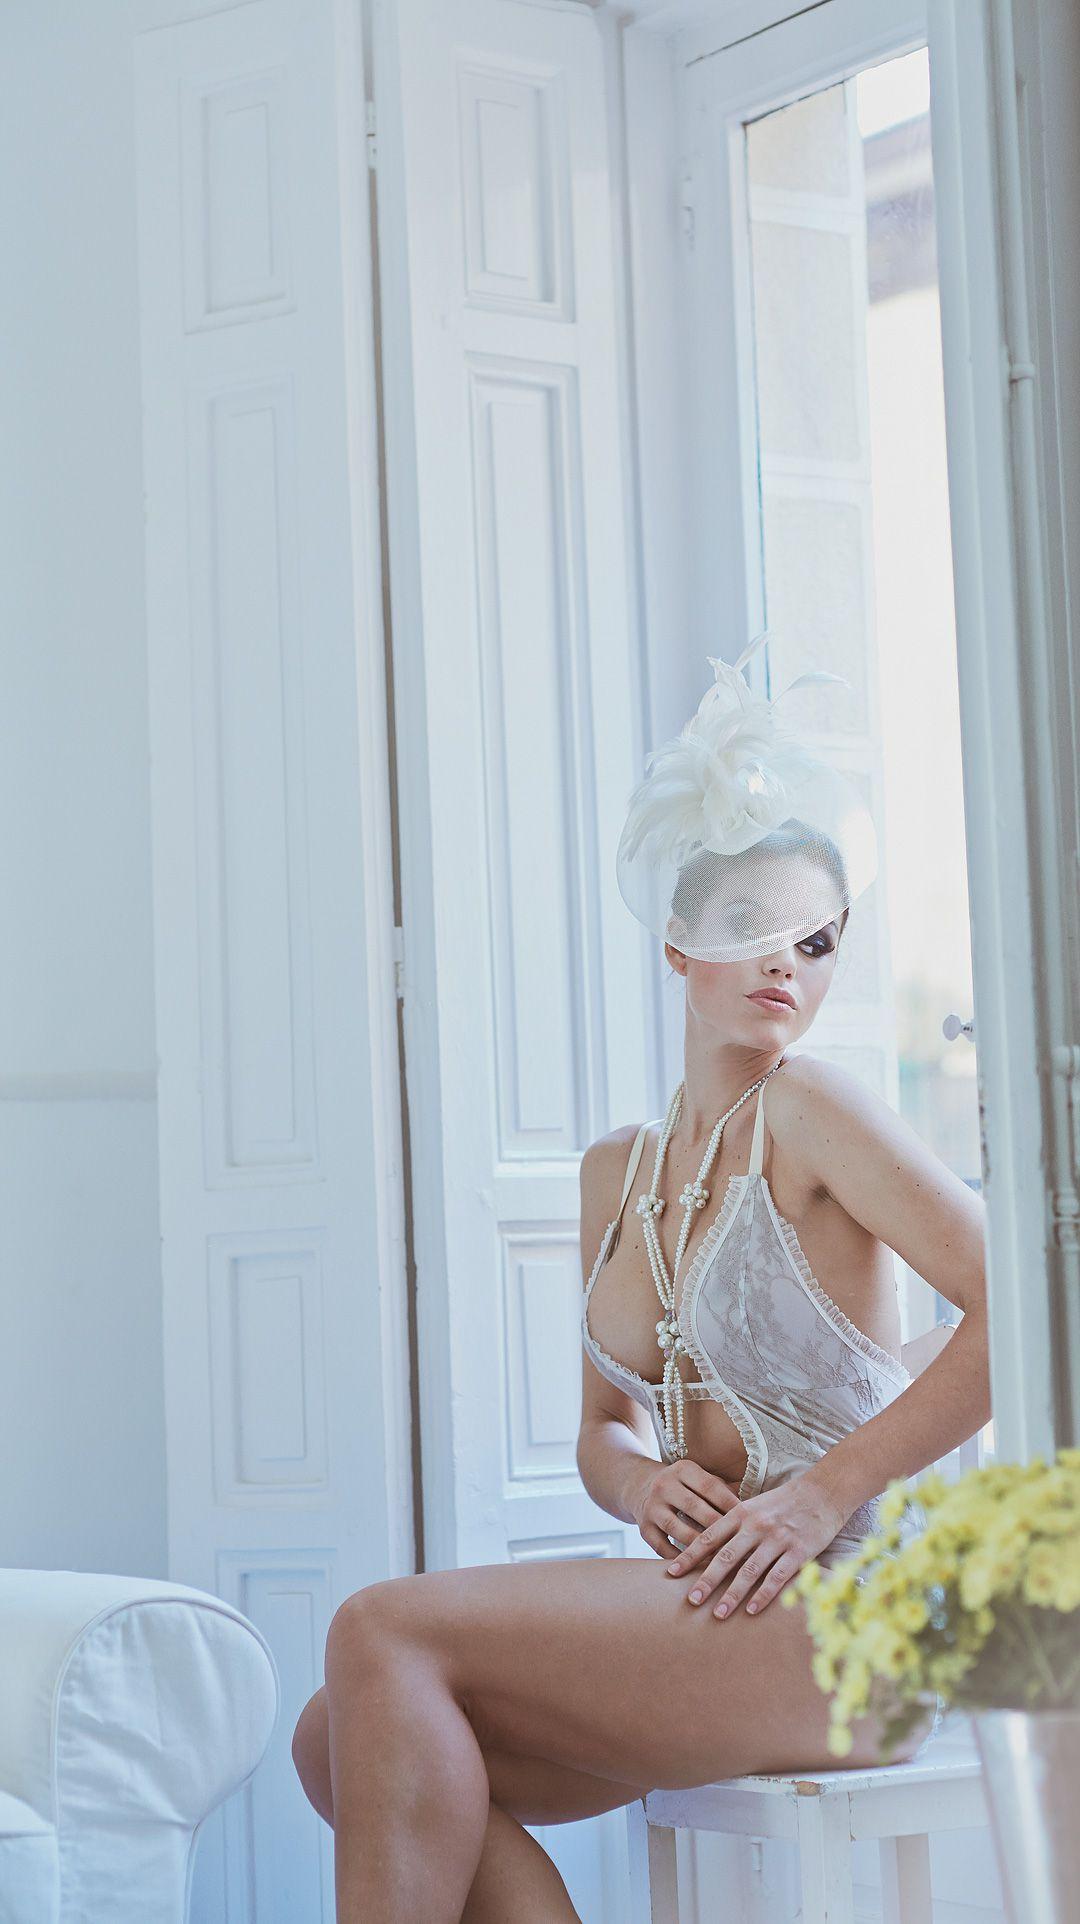 fotos boudoir en domicilio y apartamento de modelo profesional sensual madrid Rocío Z 84 jpg